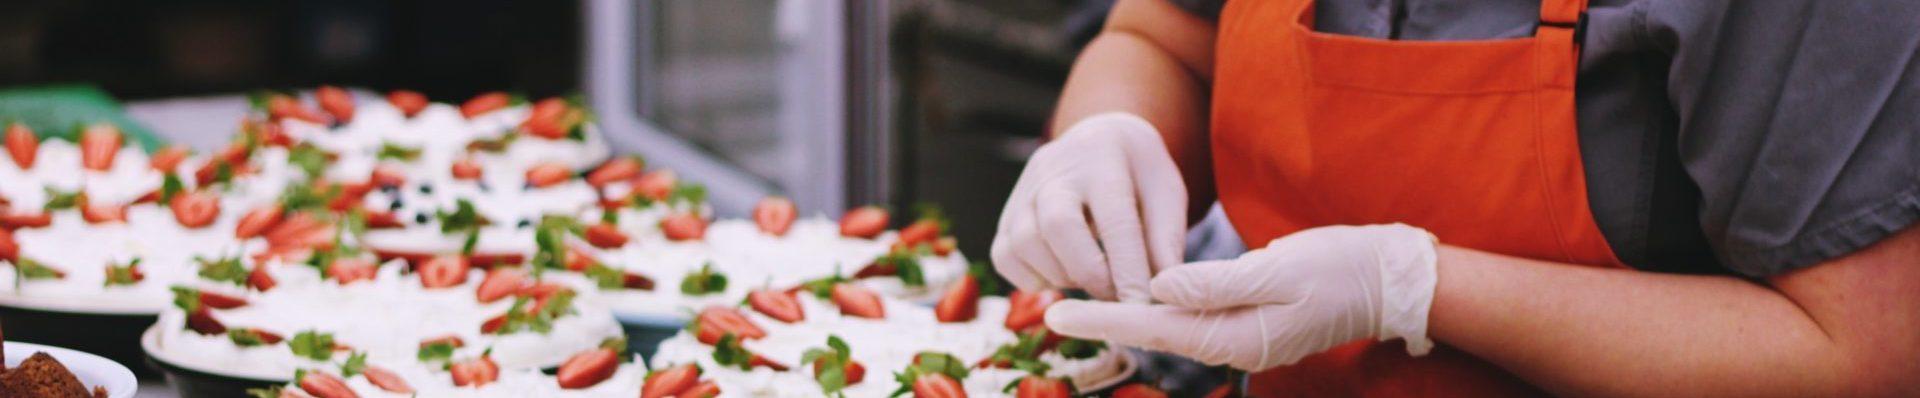 Manipulación de Alimentos en la Alimentación Colectiva